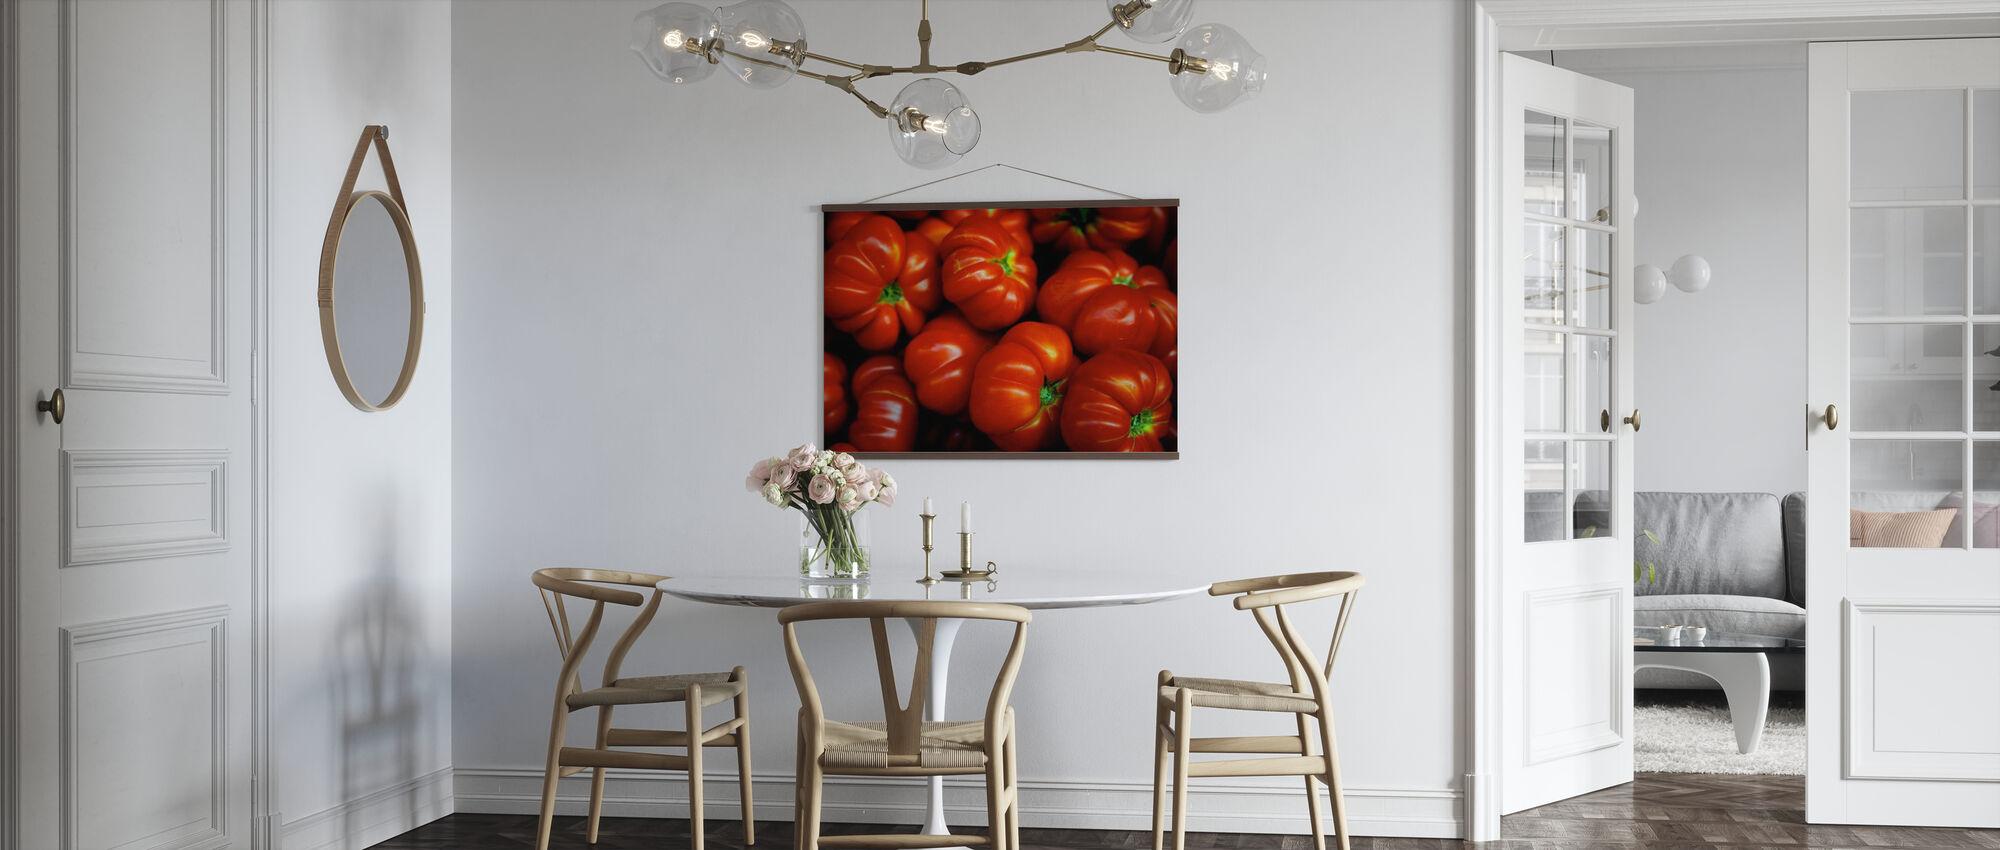 Italian Tomatoes - Poster - Kitchen